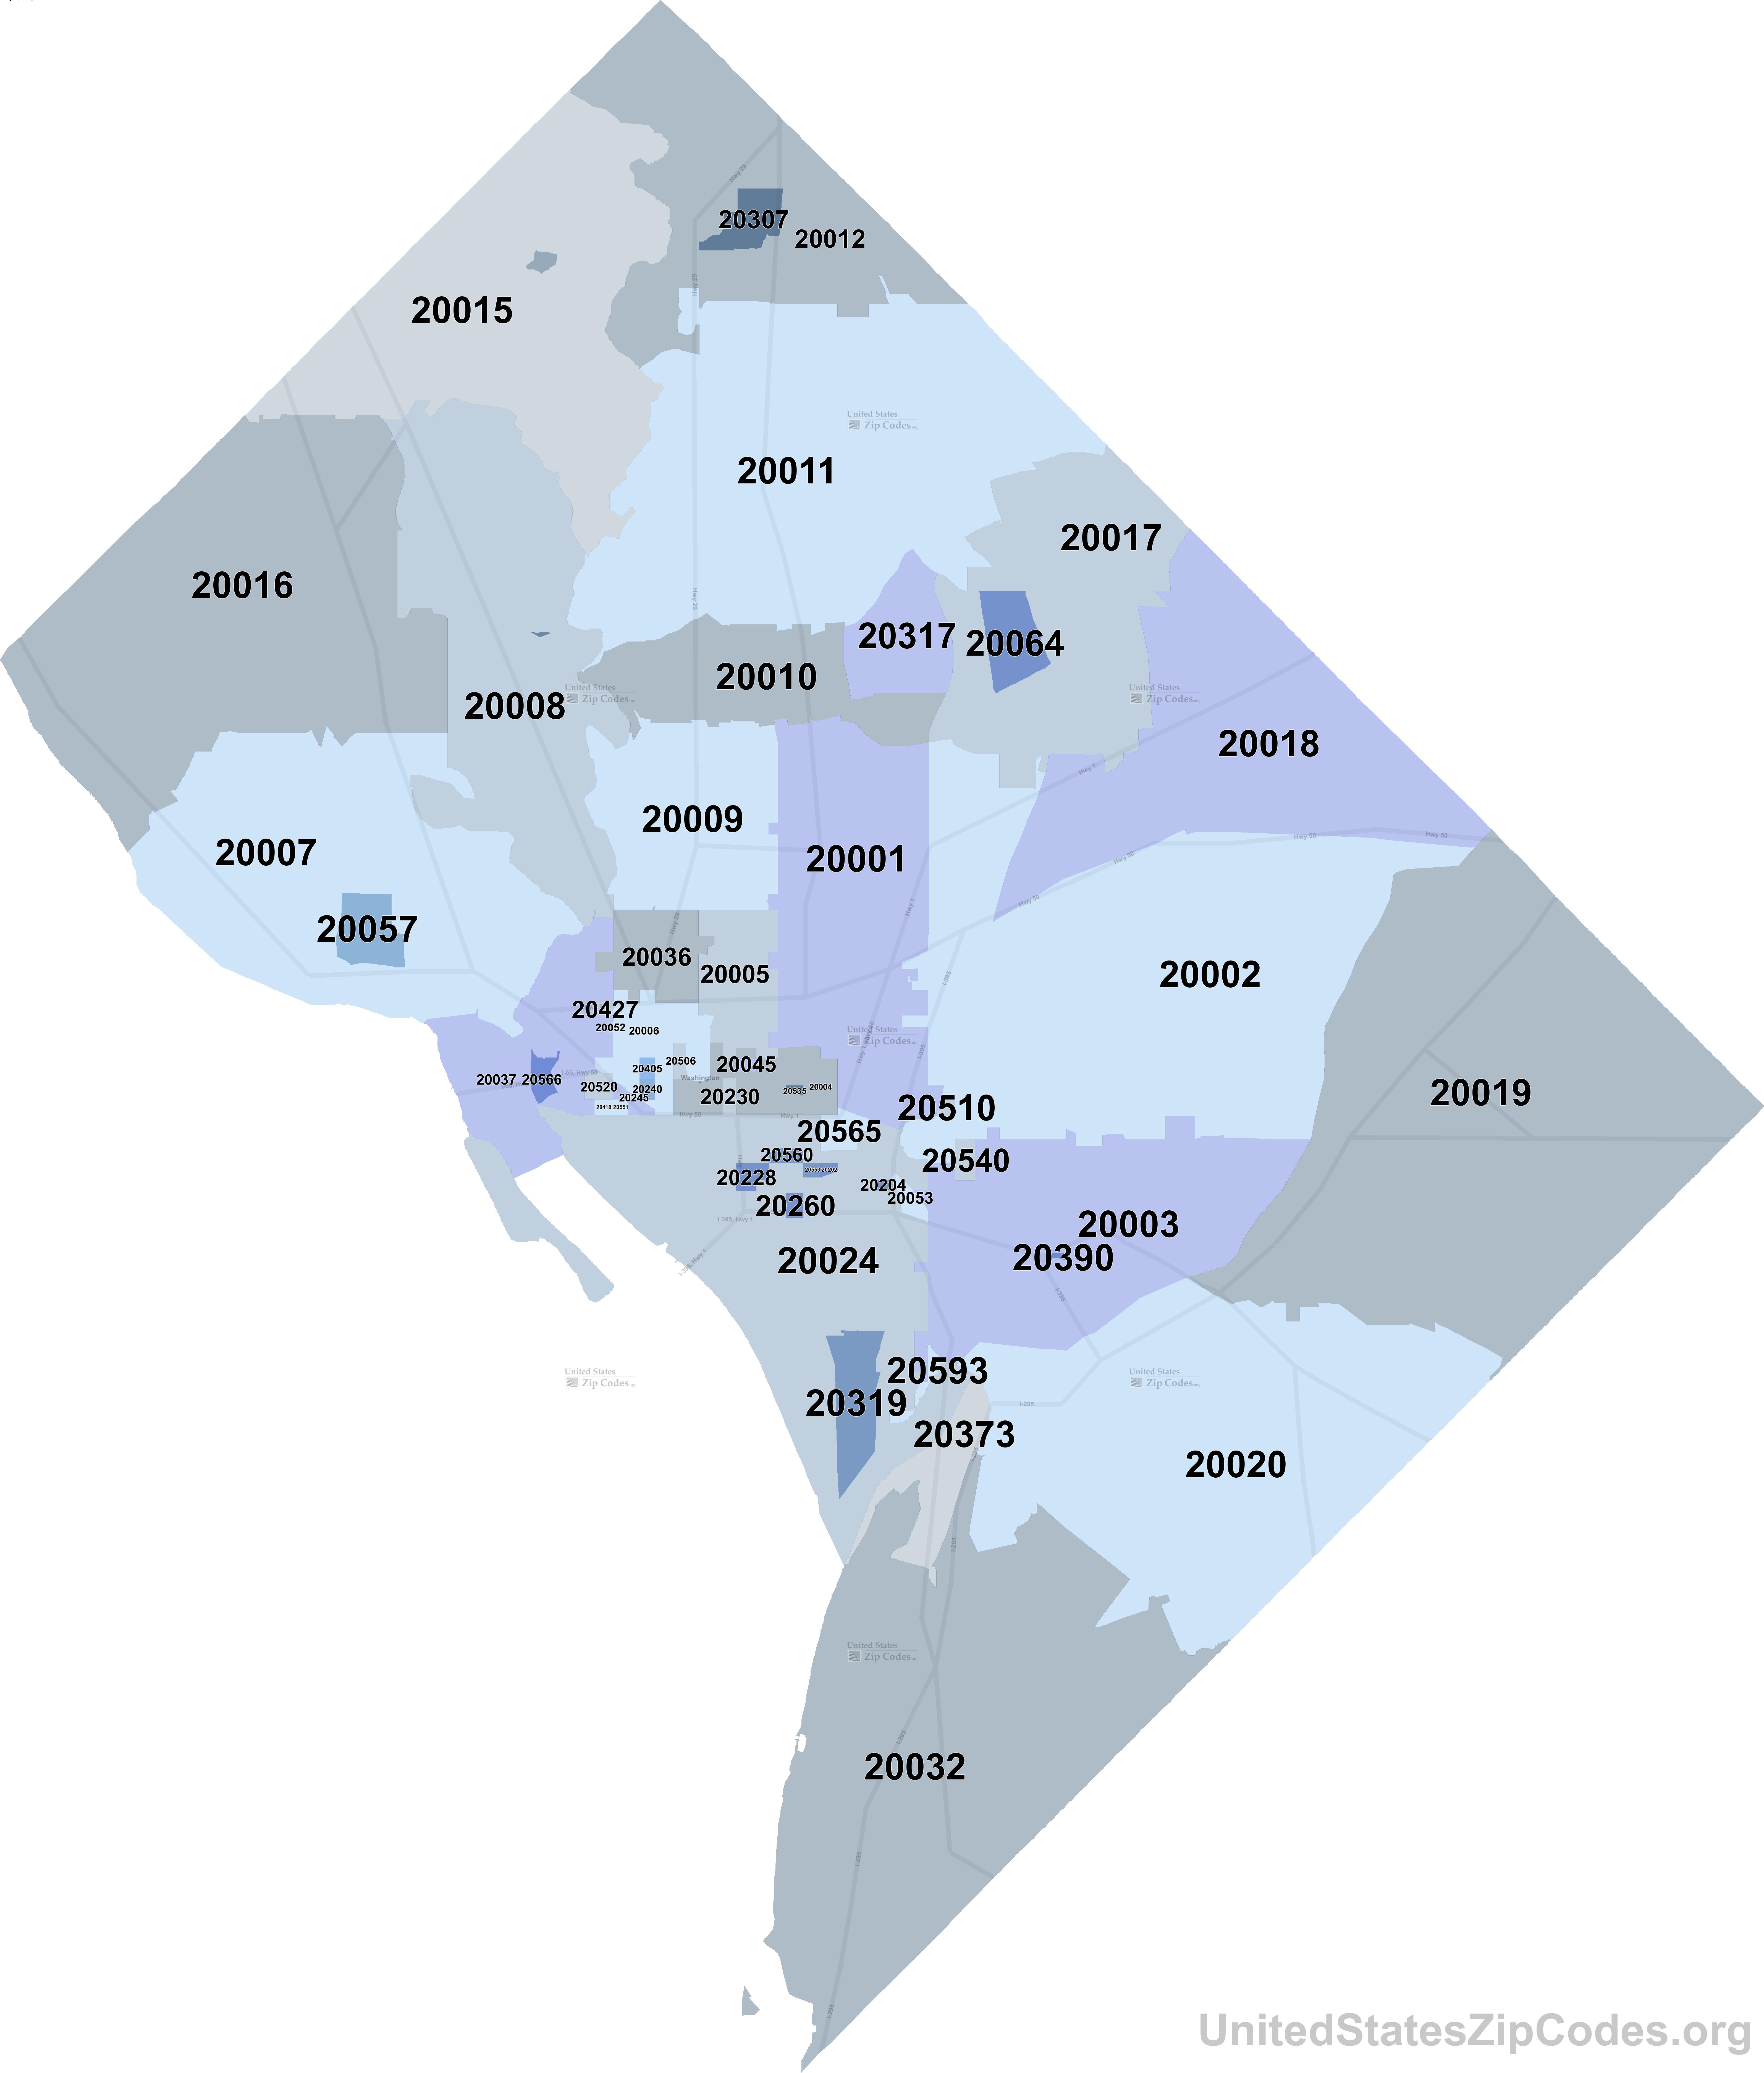 Dc Zip Code Map washington dc zip code map.png (6383×7500) (With images) | Zip